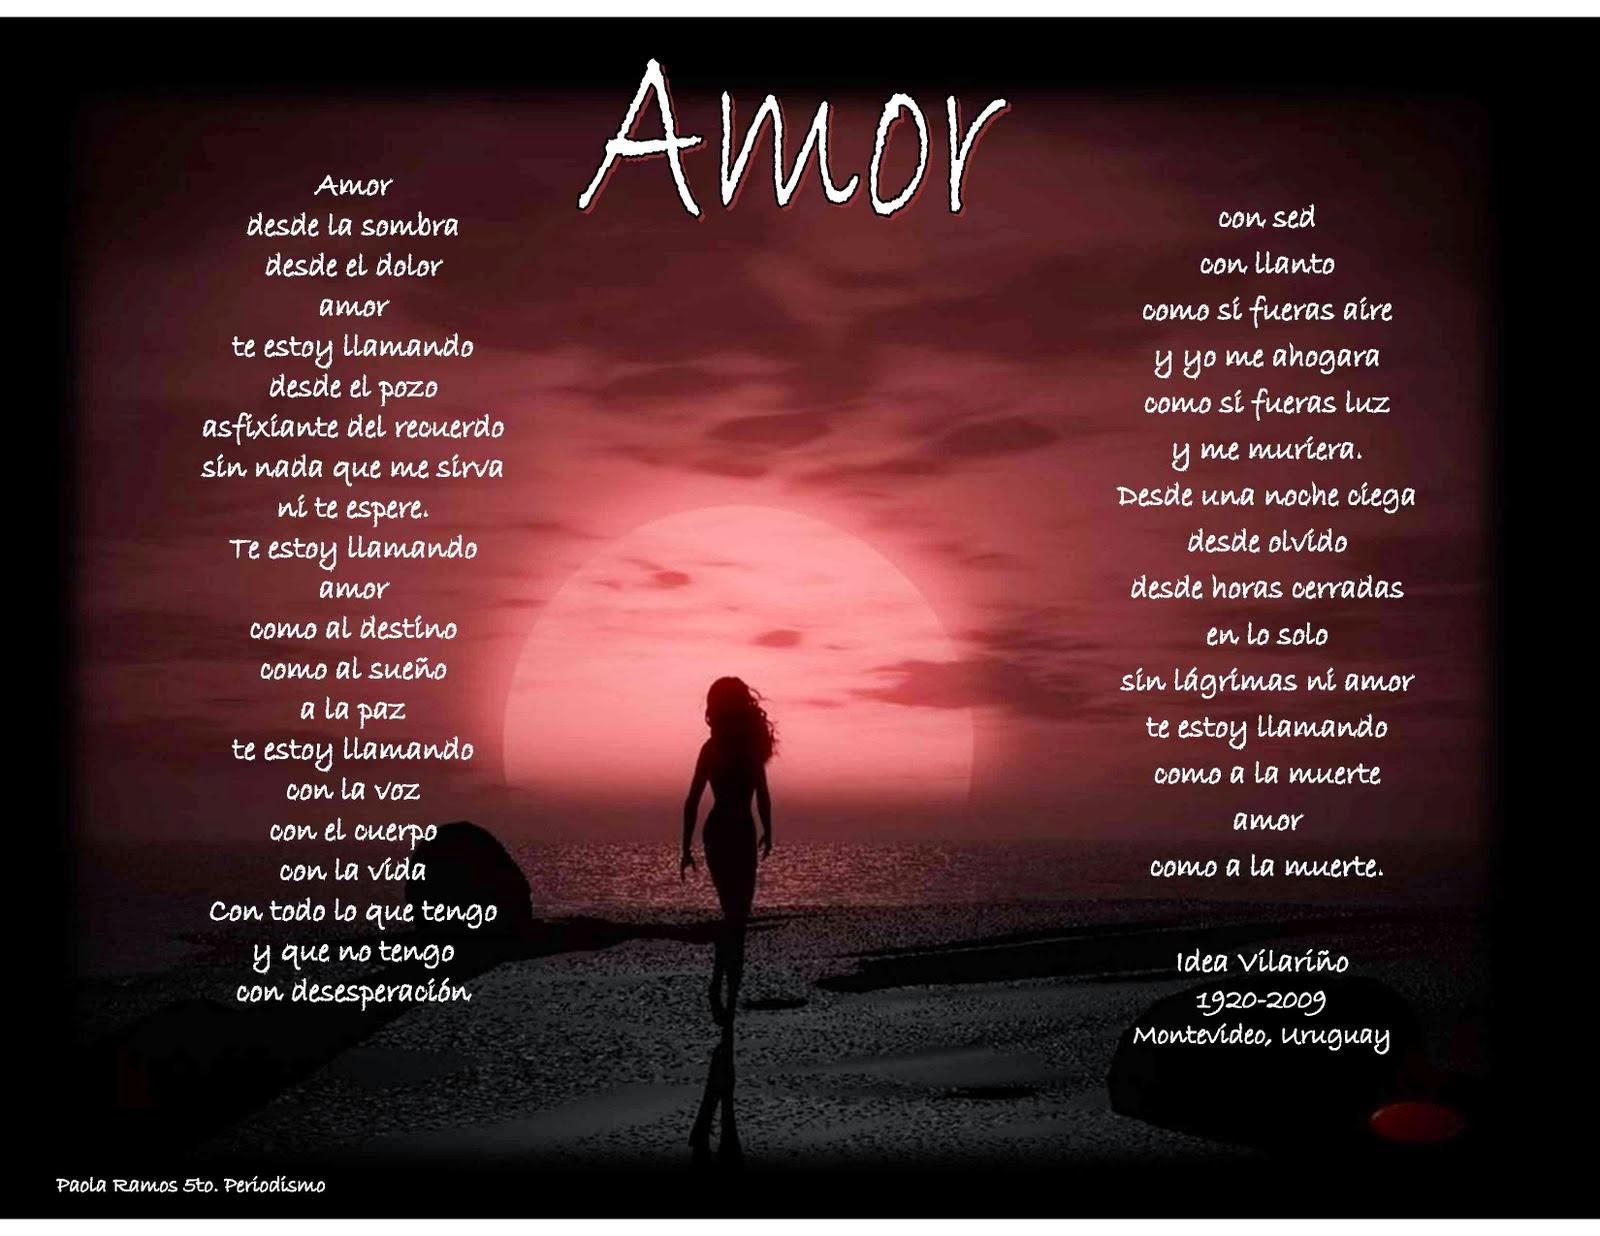 Tarjetas Poemas De Amor - Poemas de Amor Postales Románticos y Chat en Español.